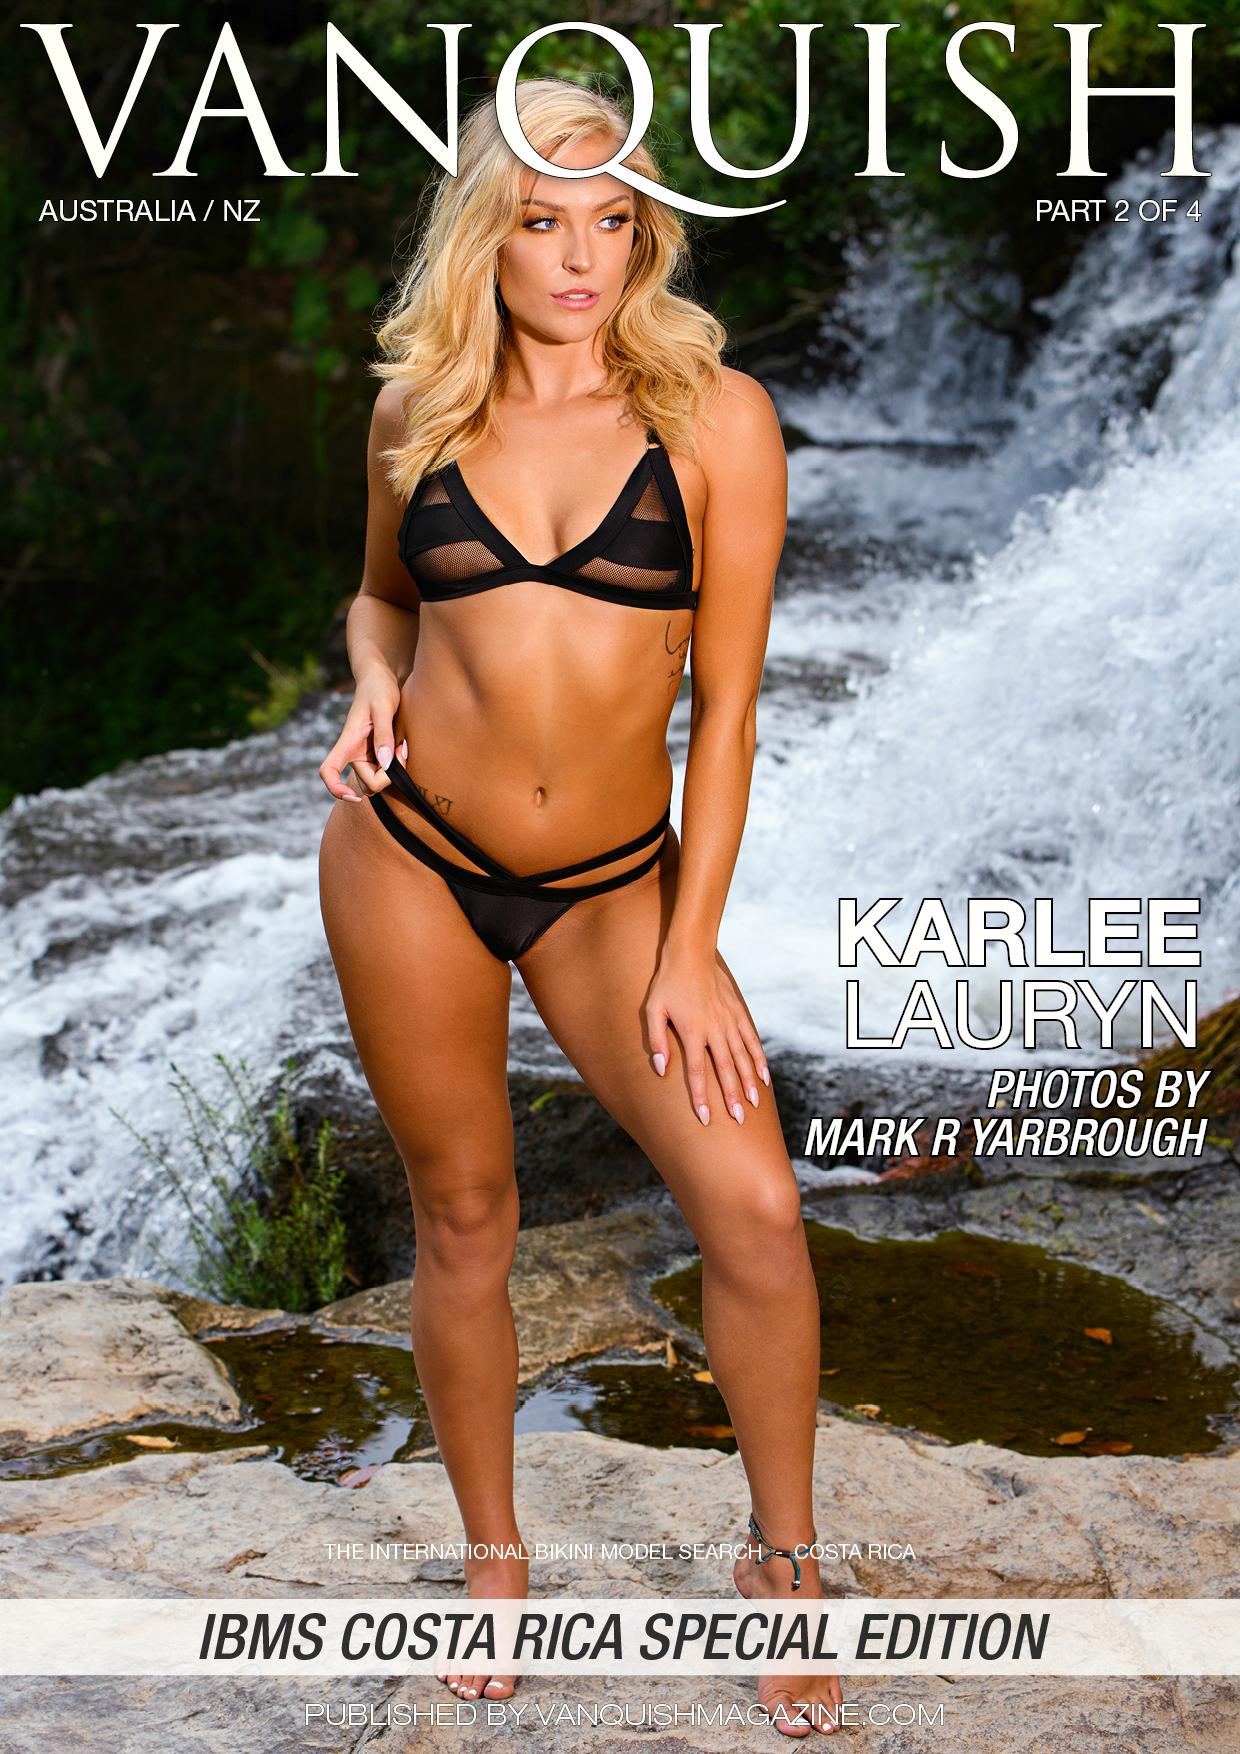 Vanquish Magazine - IBMS Costa Rica - Part 2 - Karlee Lauryn 5